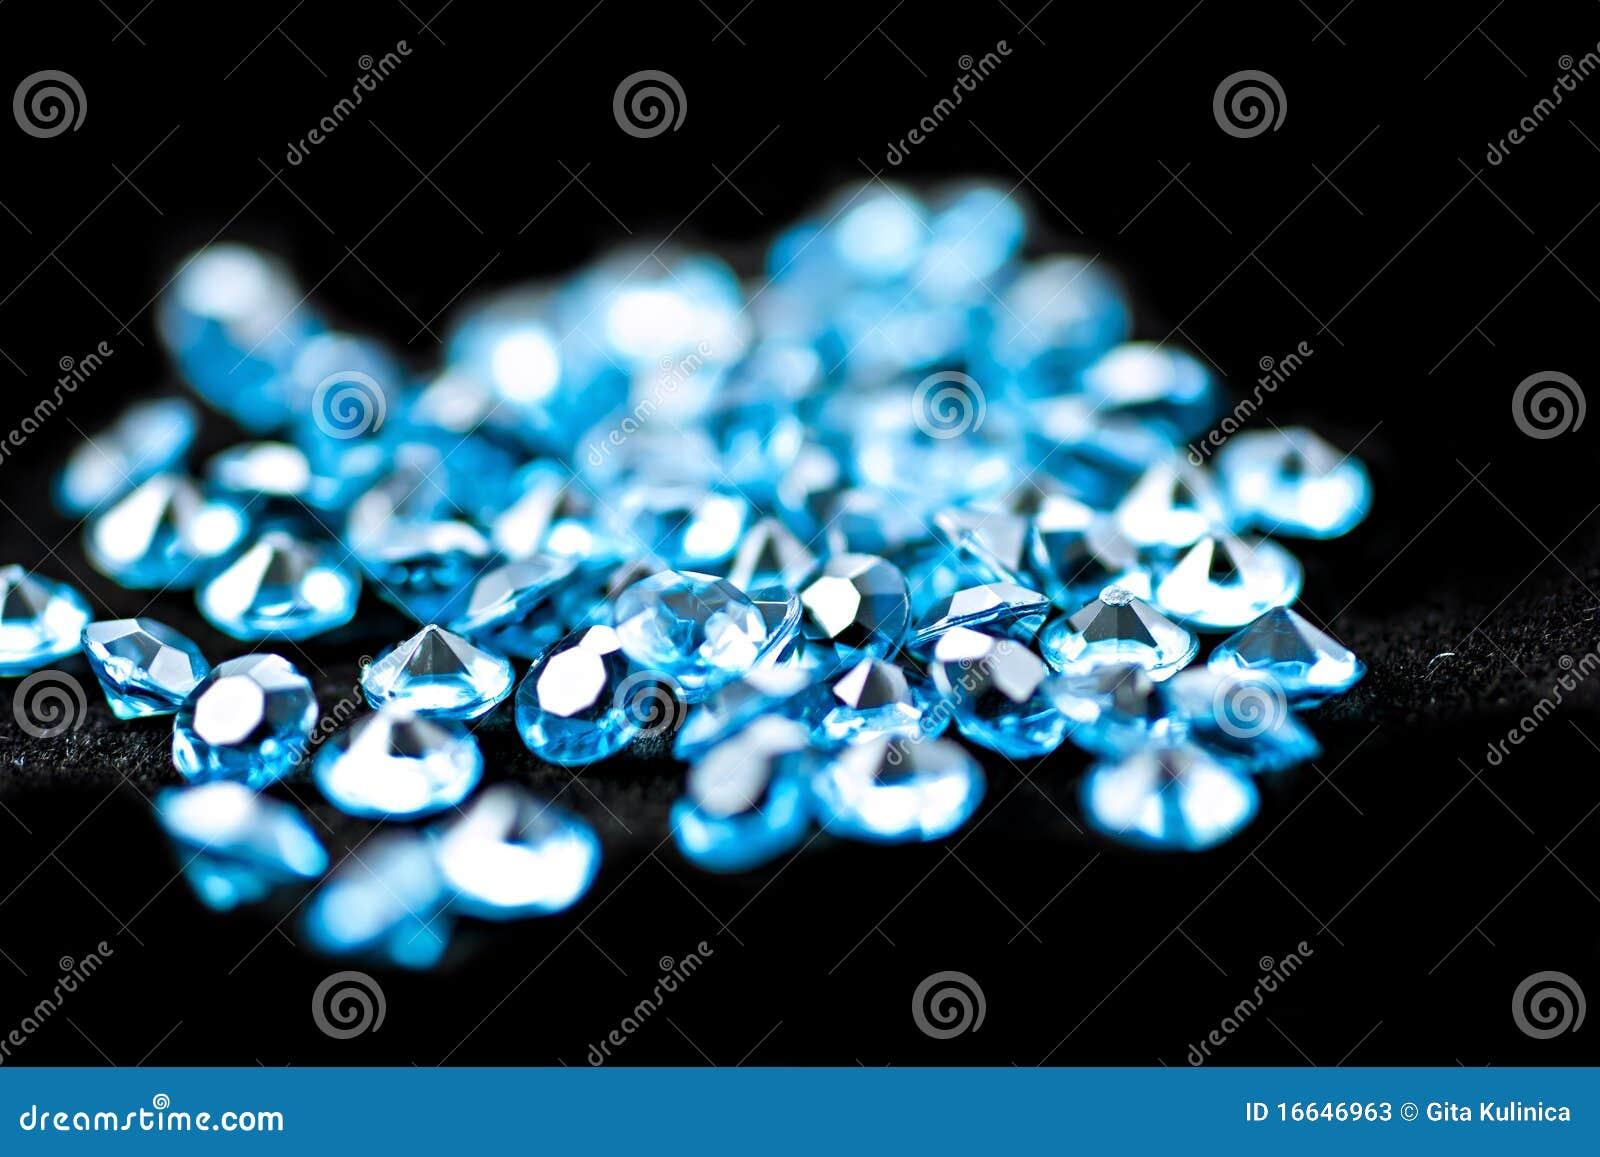 Diamanti blu.